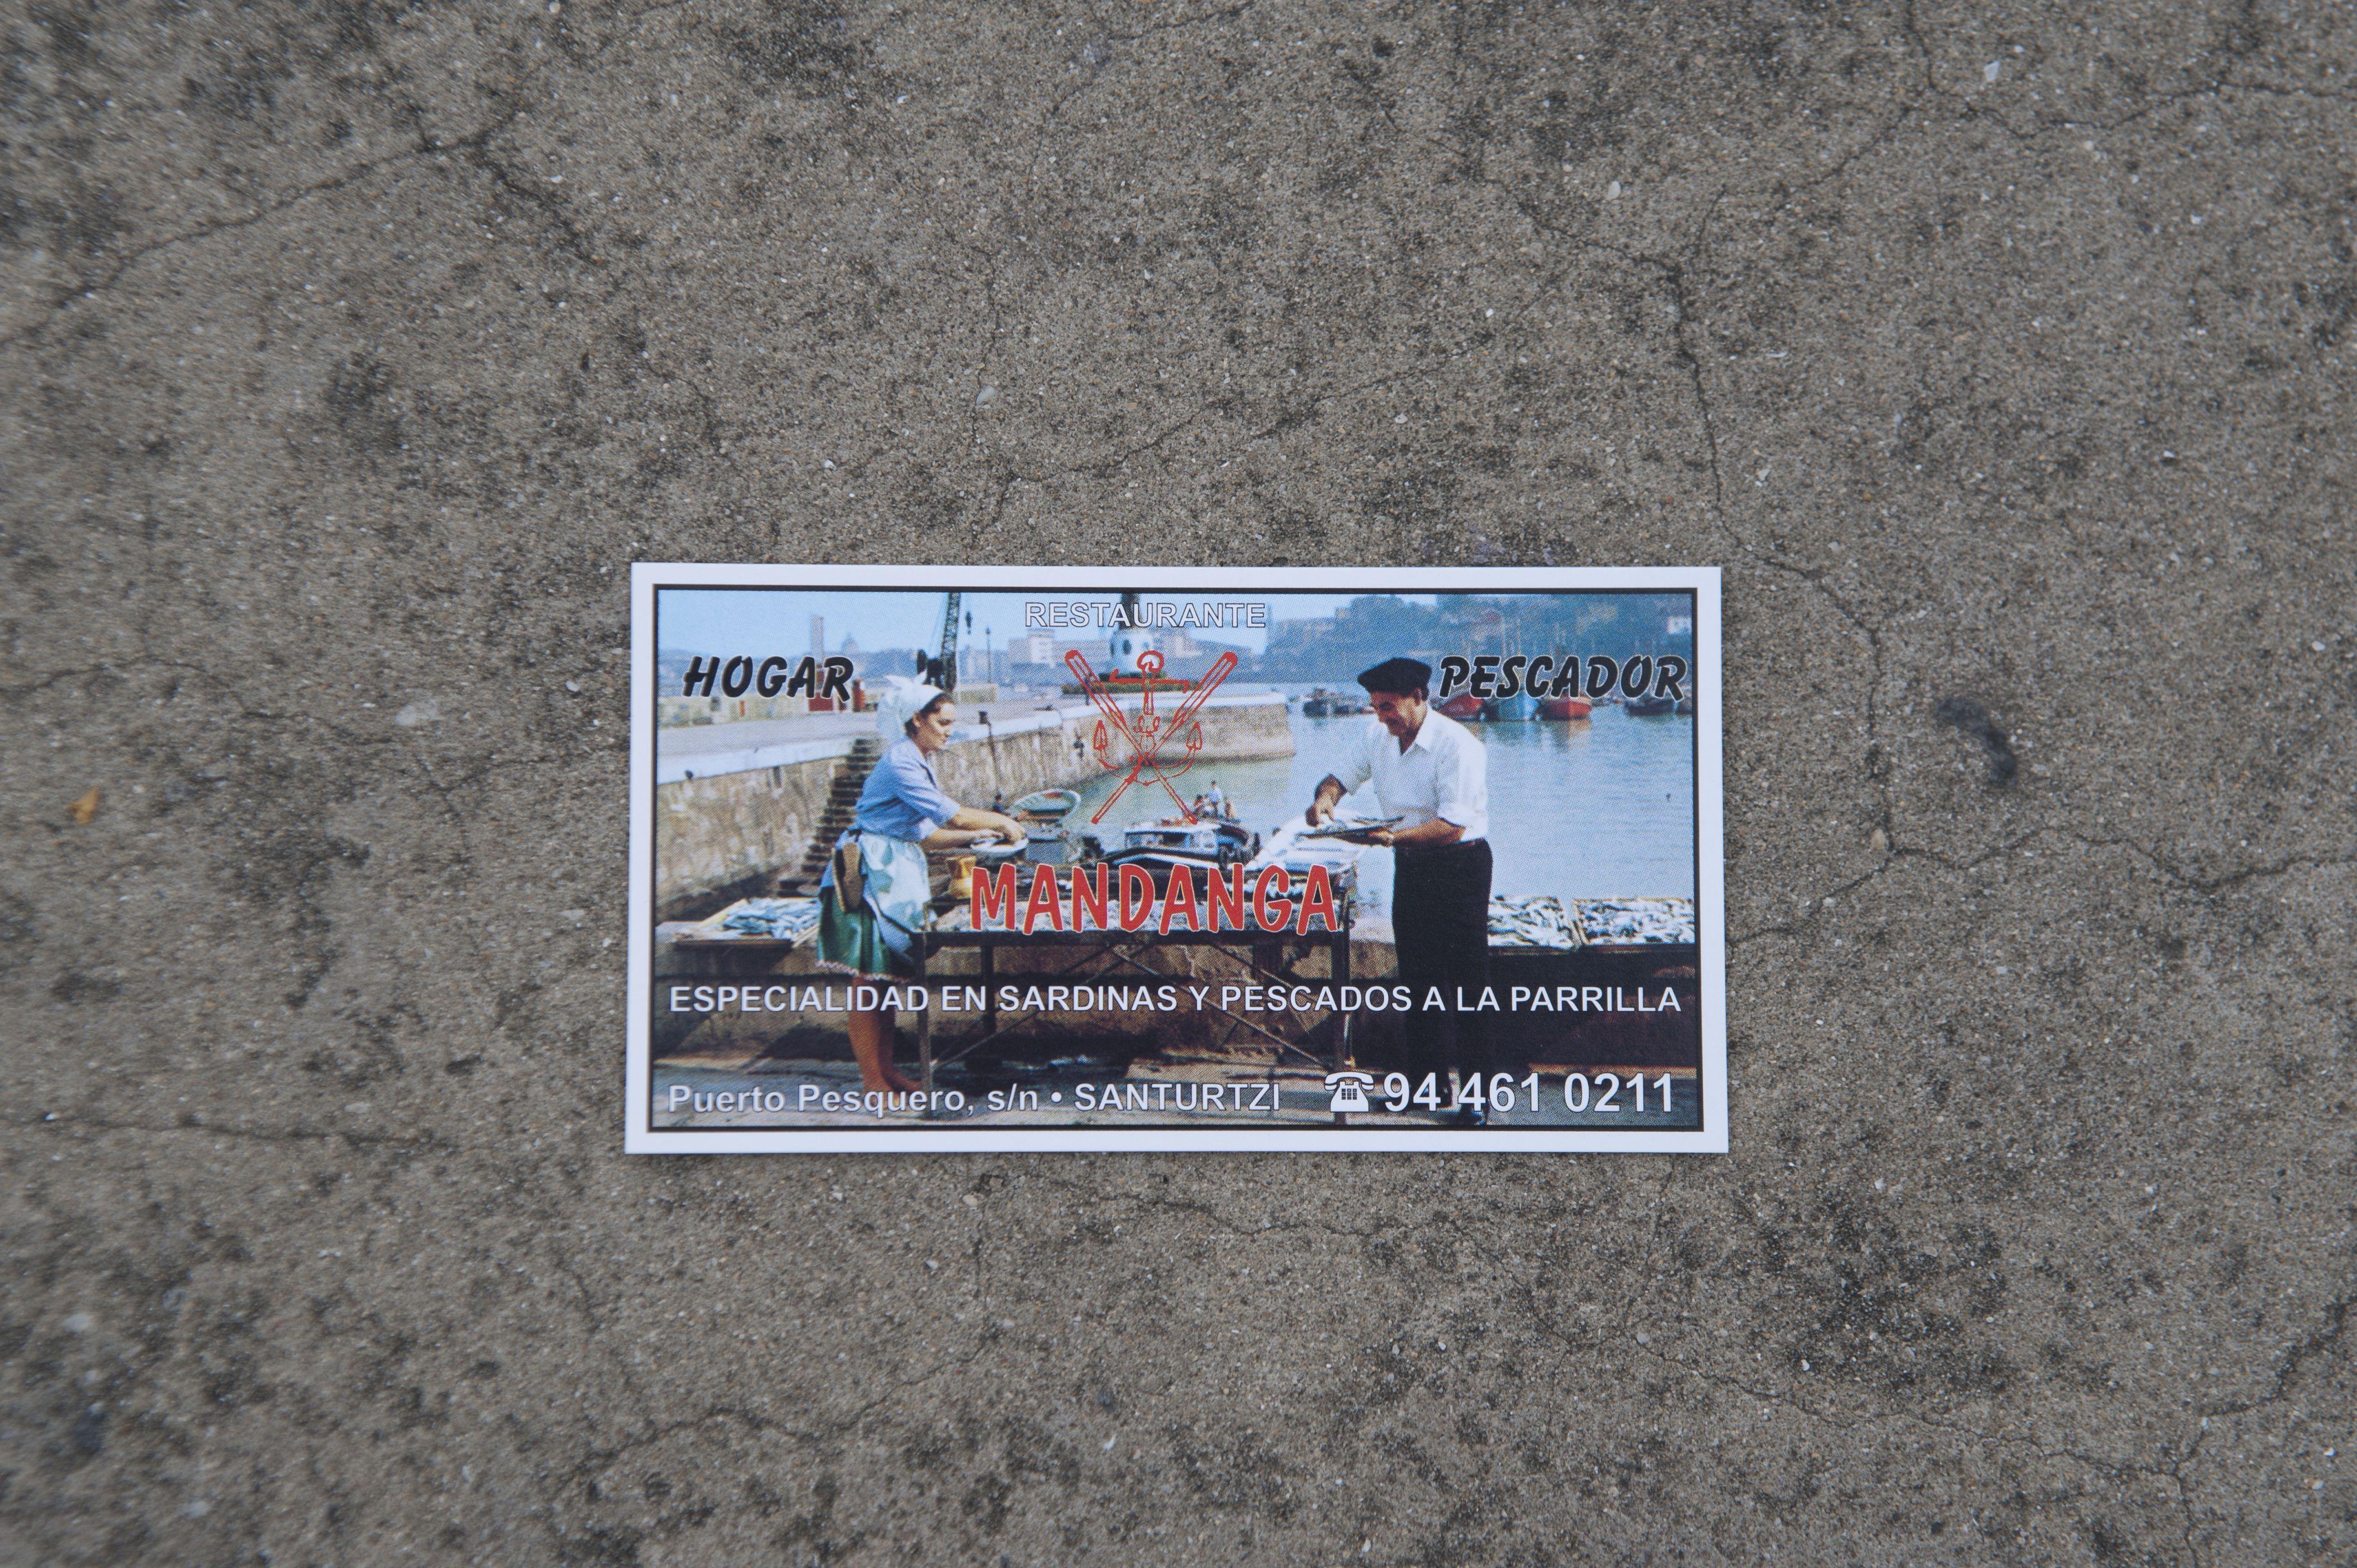 Foto 1 de Asadores en Santurtzi | Mandanga Hogar del Pescador